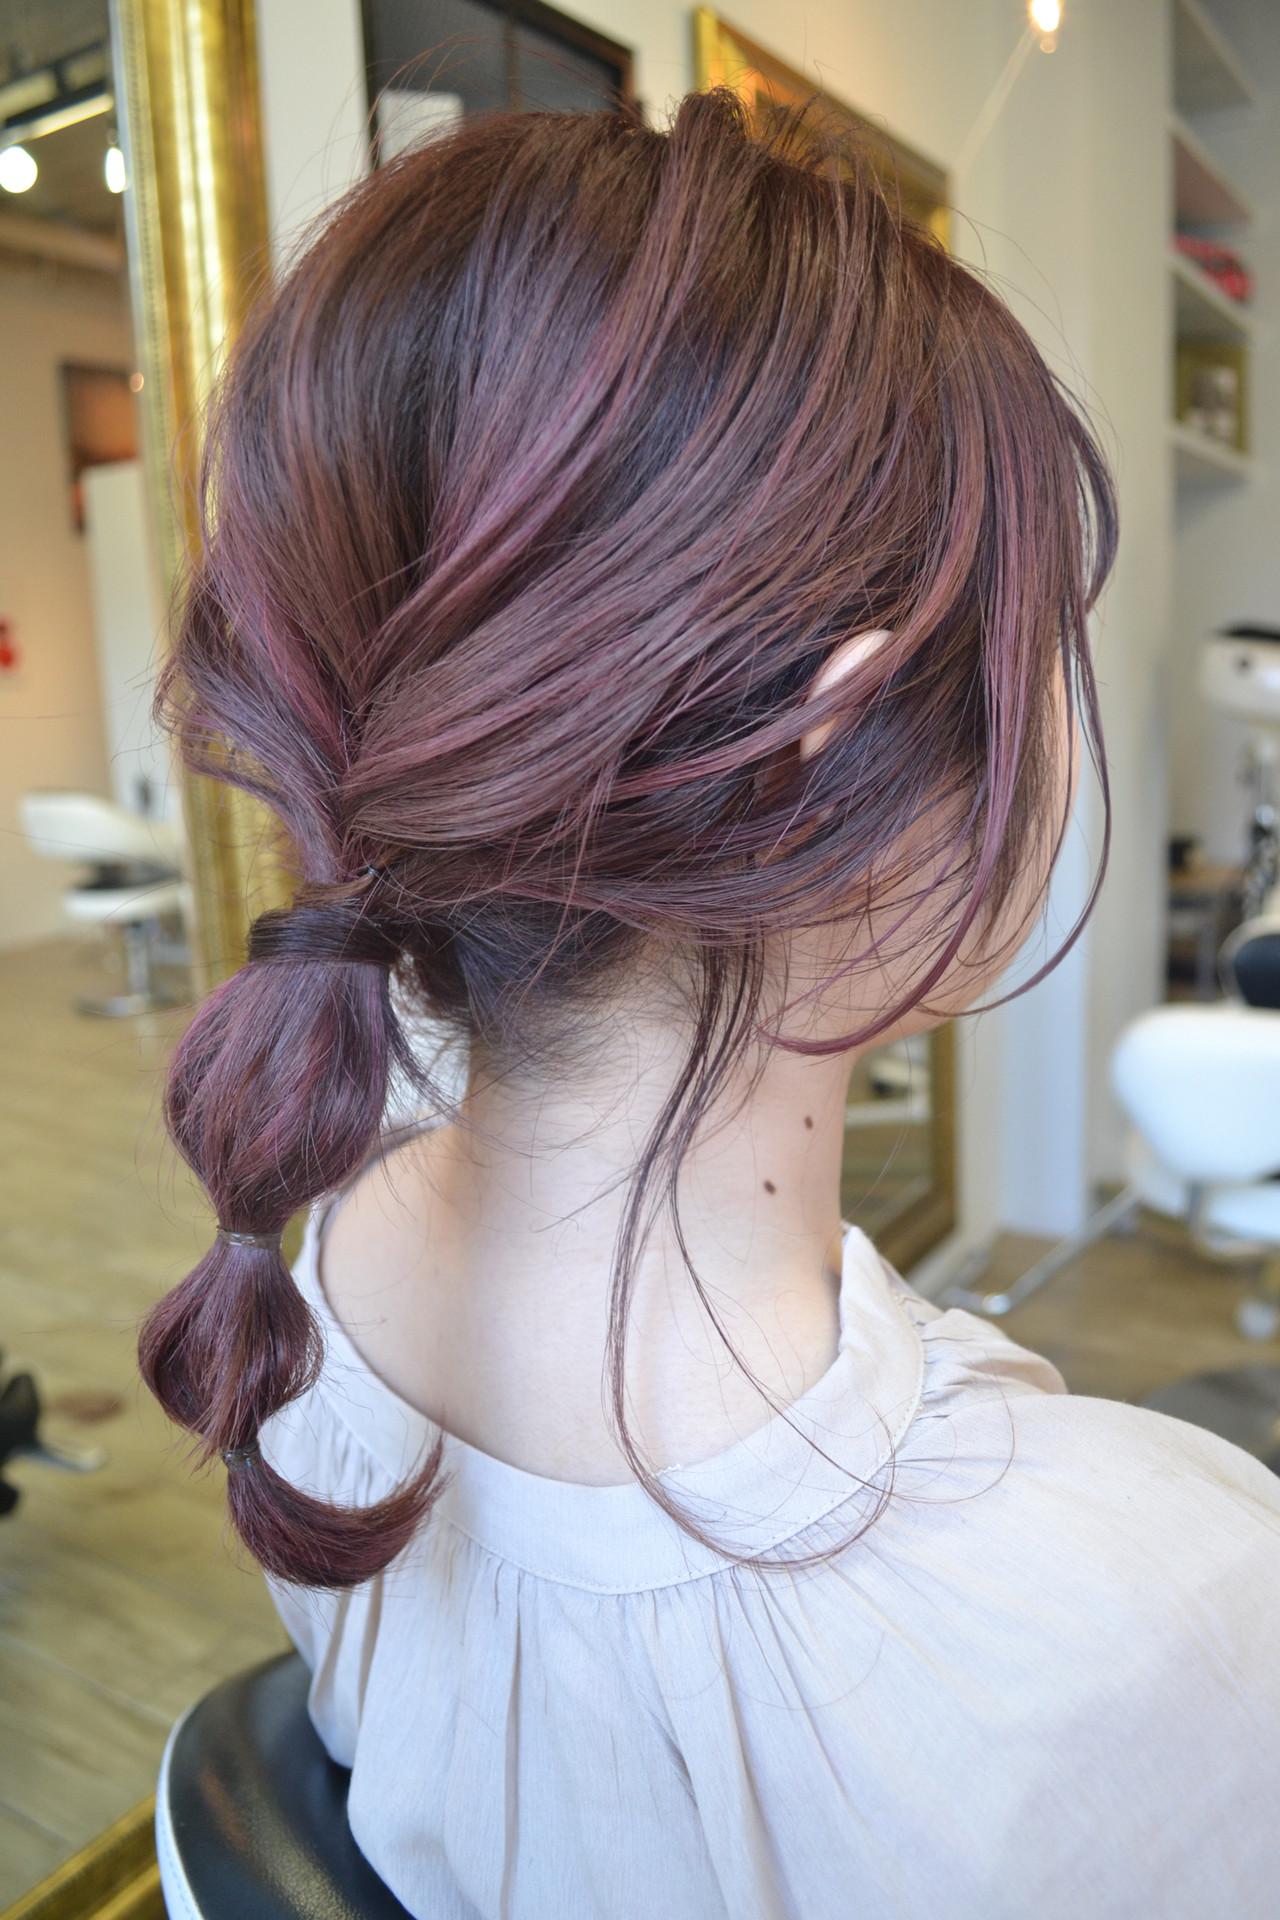 ストリート ミディアム ハイトーン ラベンダーピンク ヘアスタイルや髪型の写真・画像 | ツヤマトモハル / NUDE